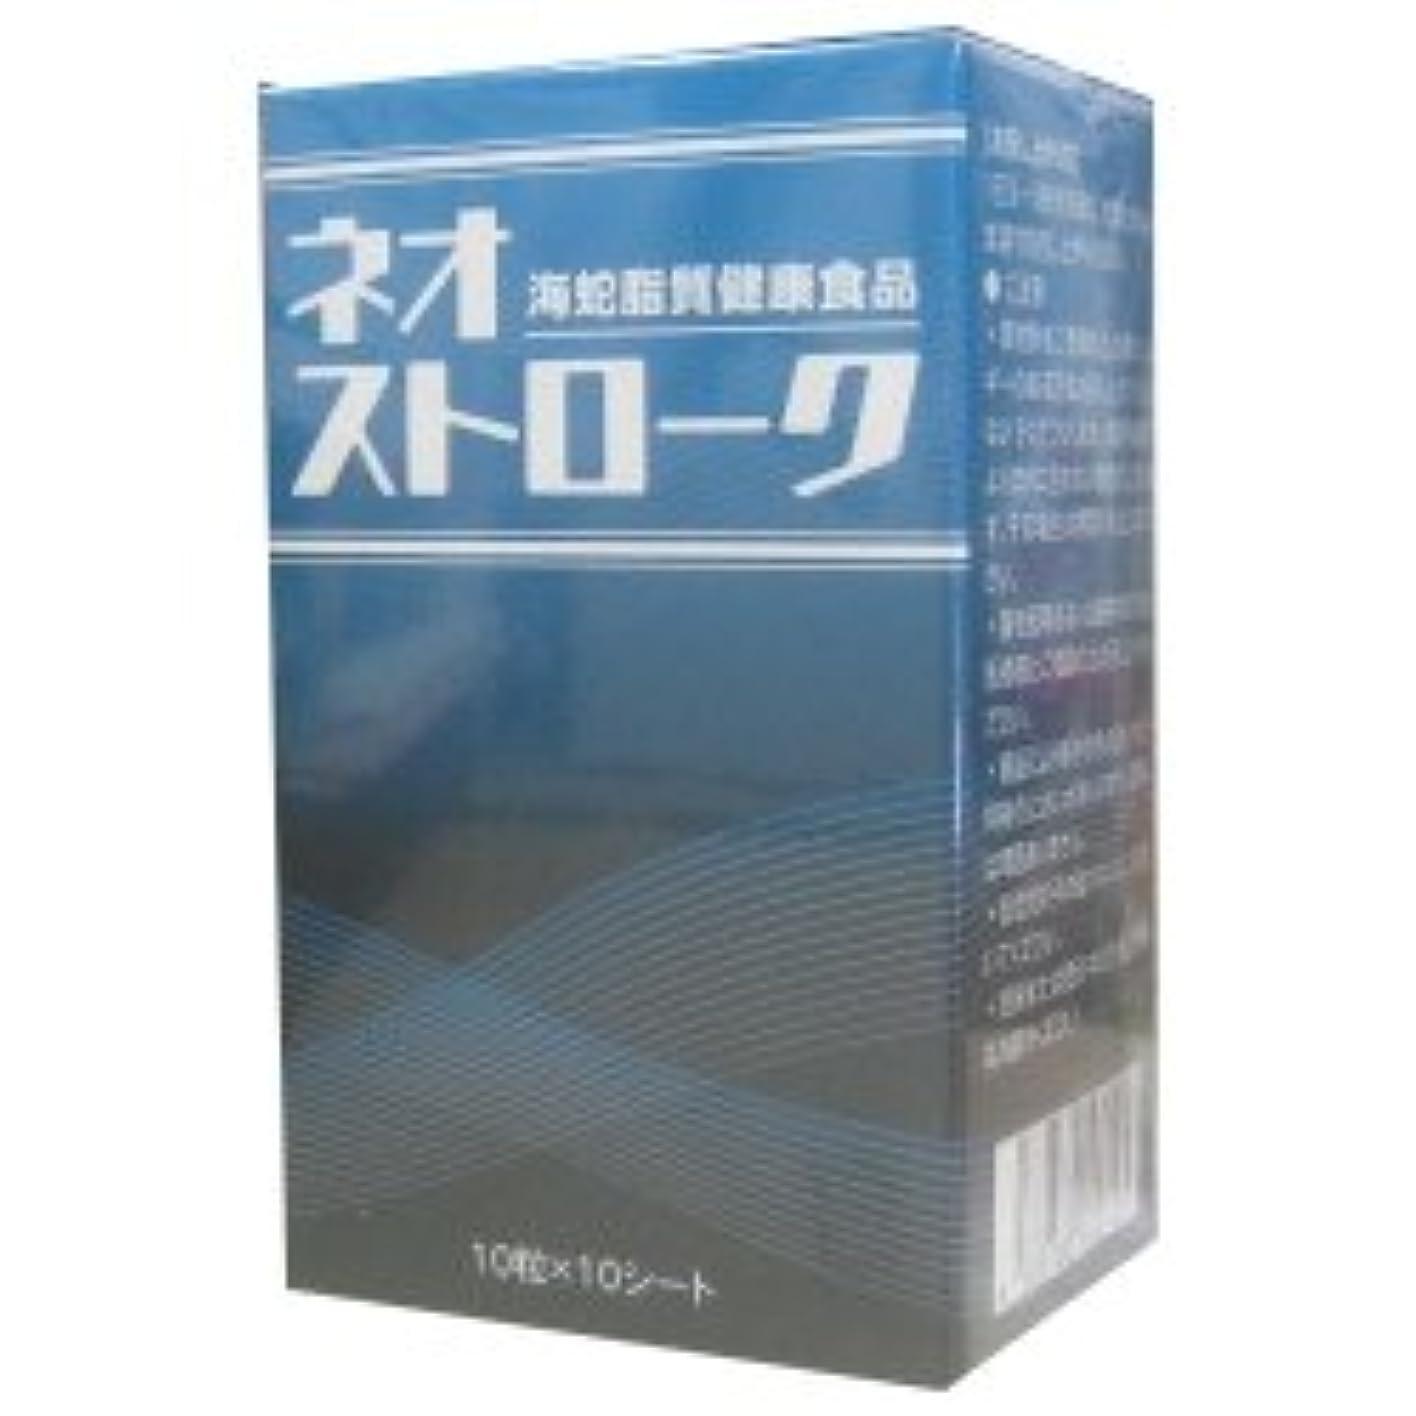 テザーエロチック密ネオストローク 100粒(10粒×10シート)